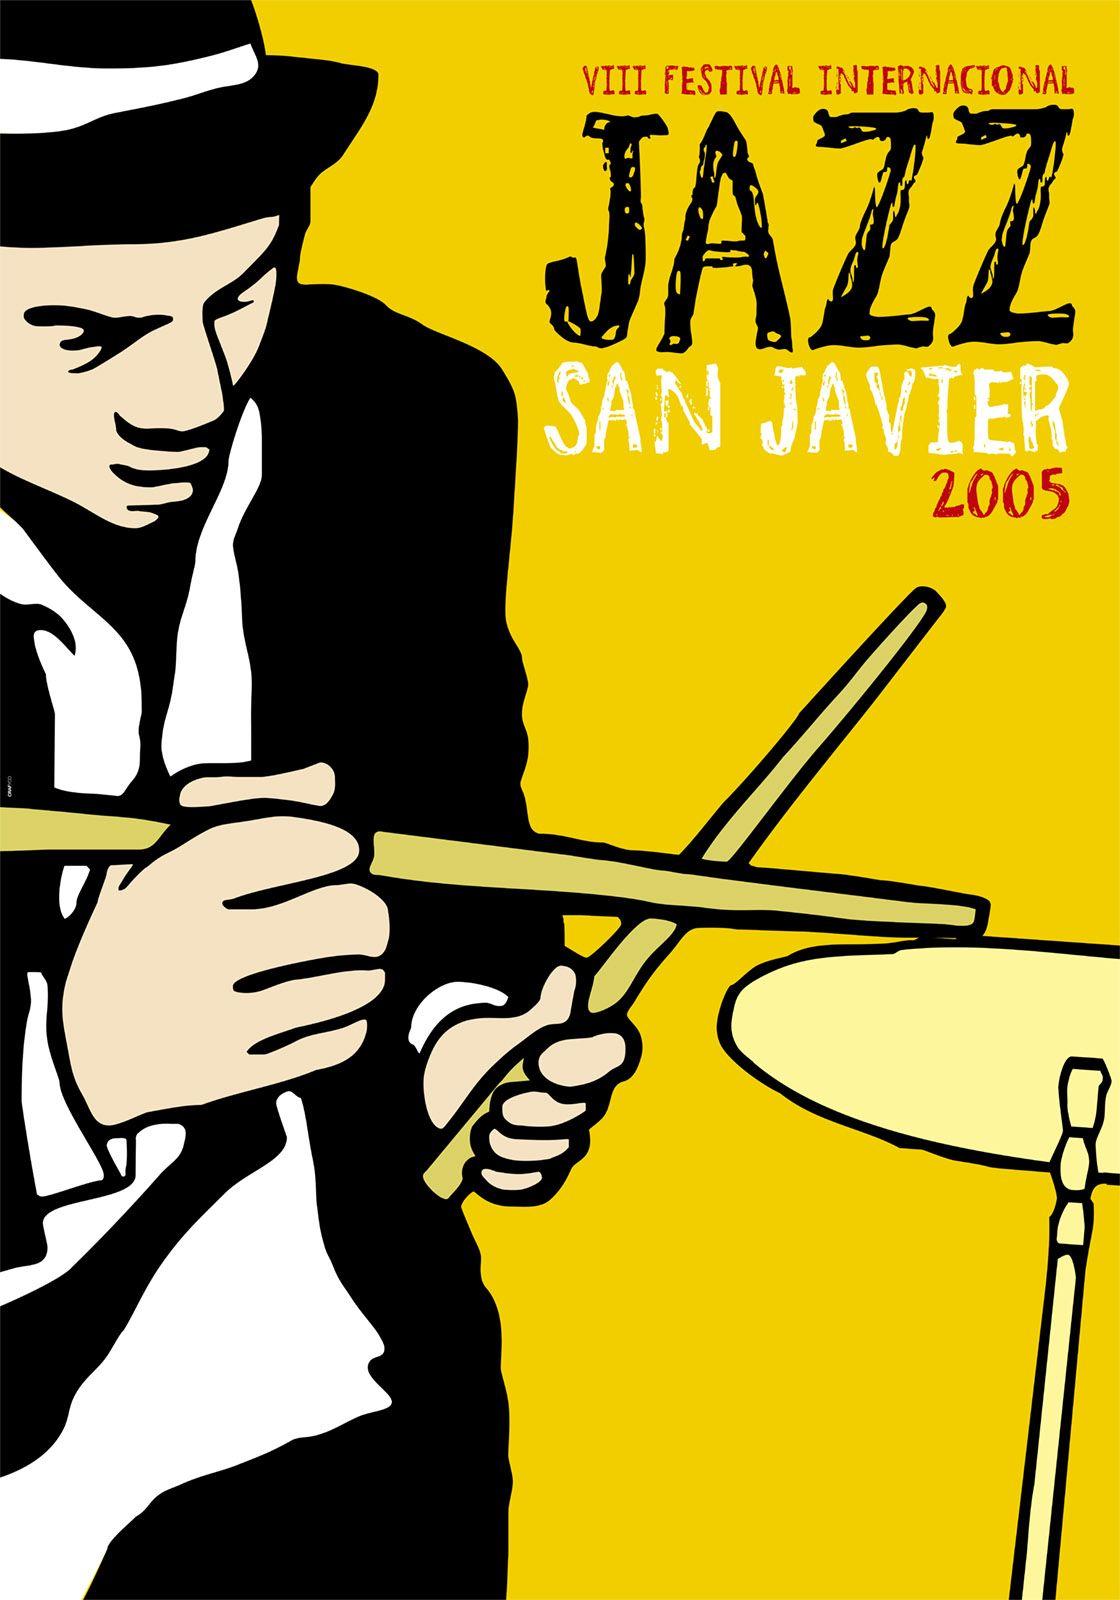 Cartel Jazz San Javier 2005 By Grafyco Jazz Festival De Jazz Ilustración Musical